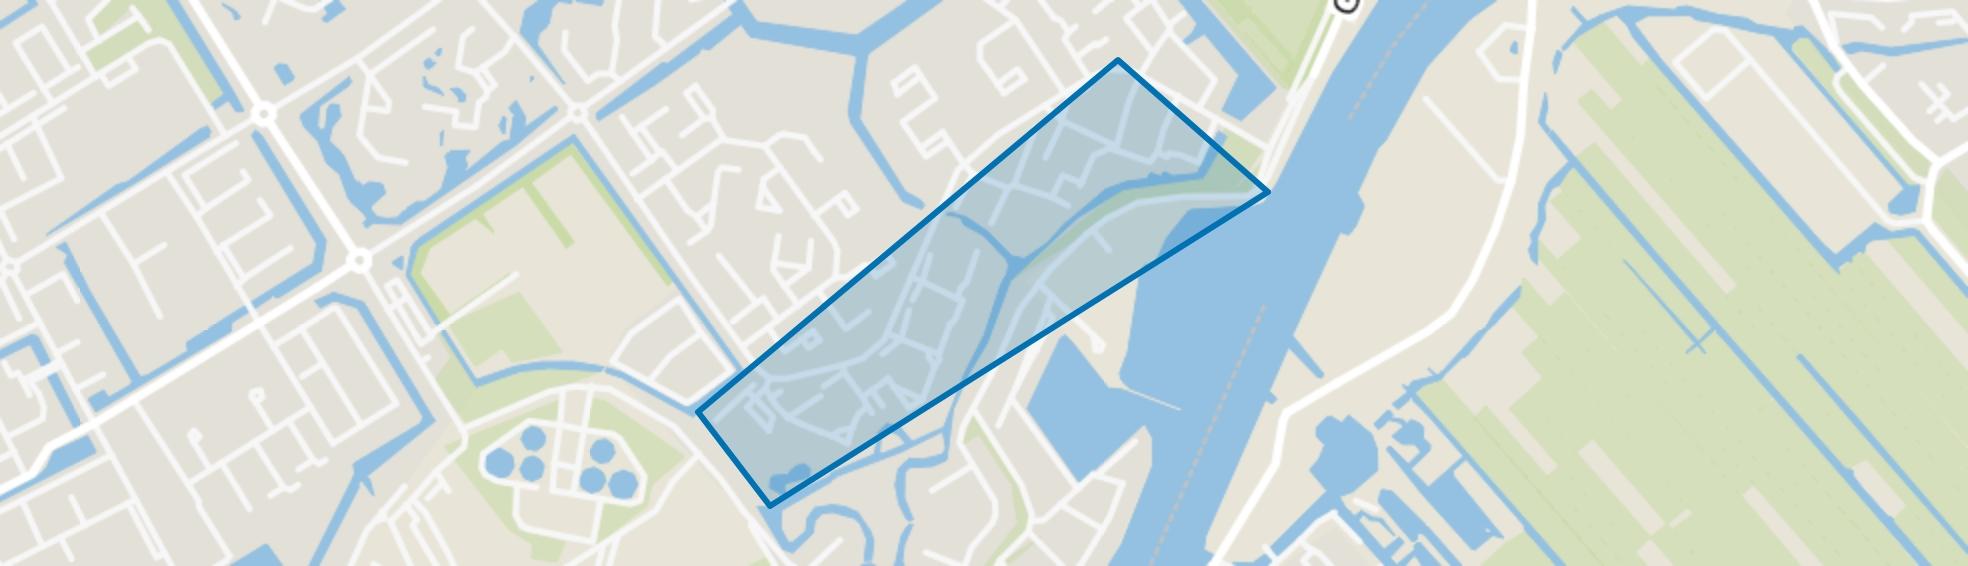 Baaienbuurt, Capelle aan den IJssel map